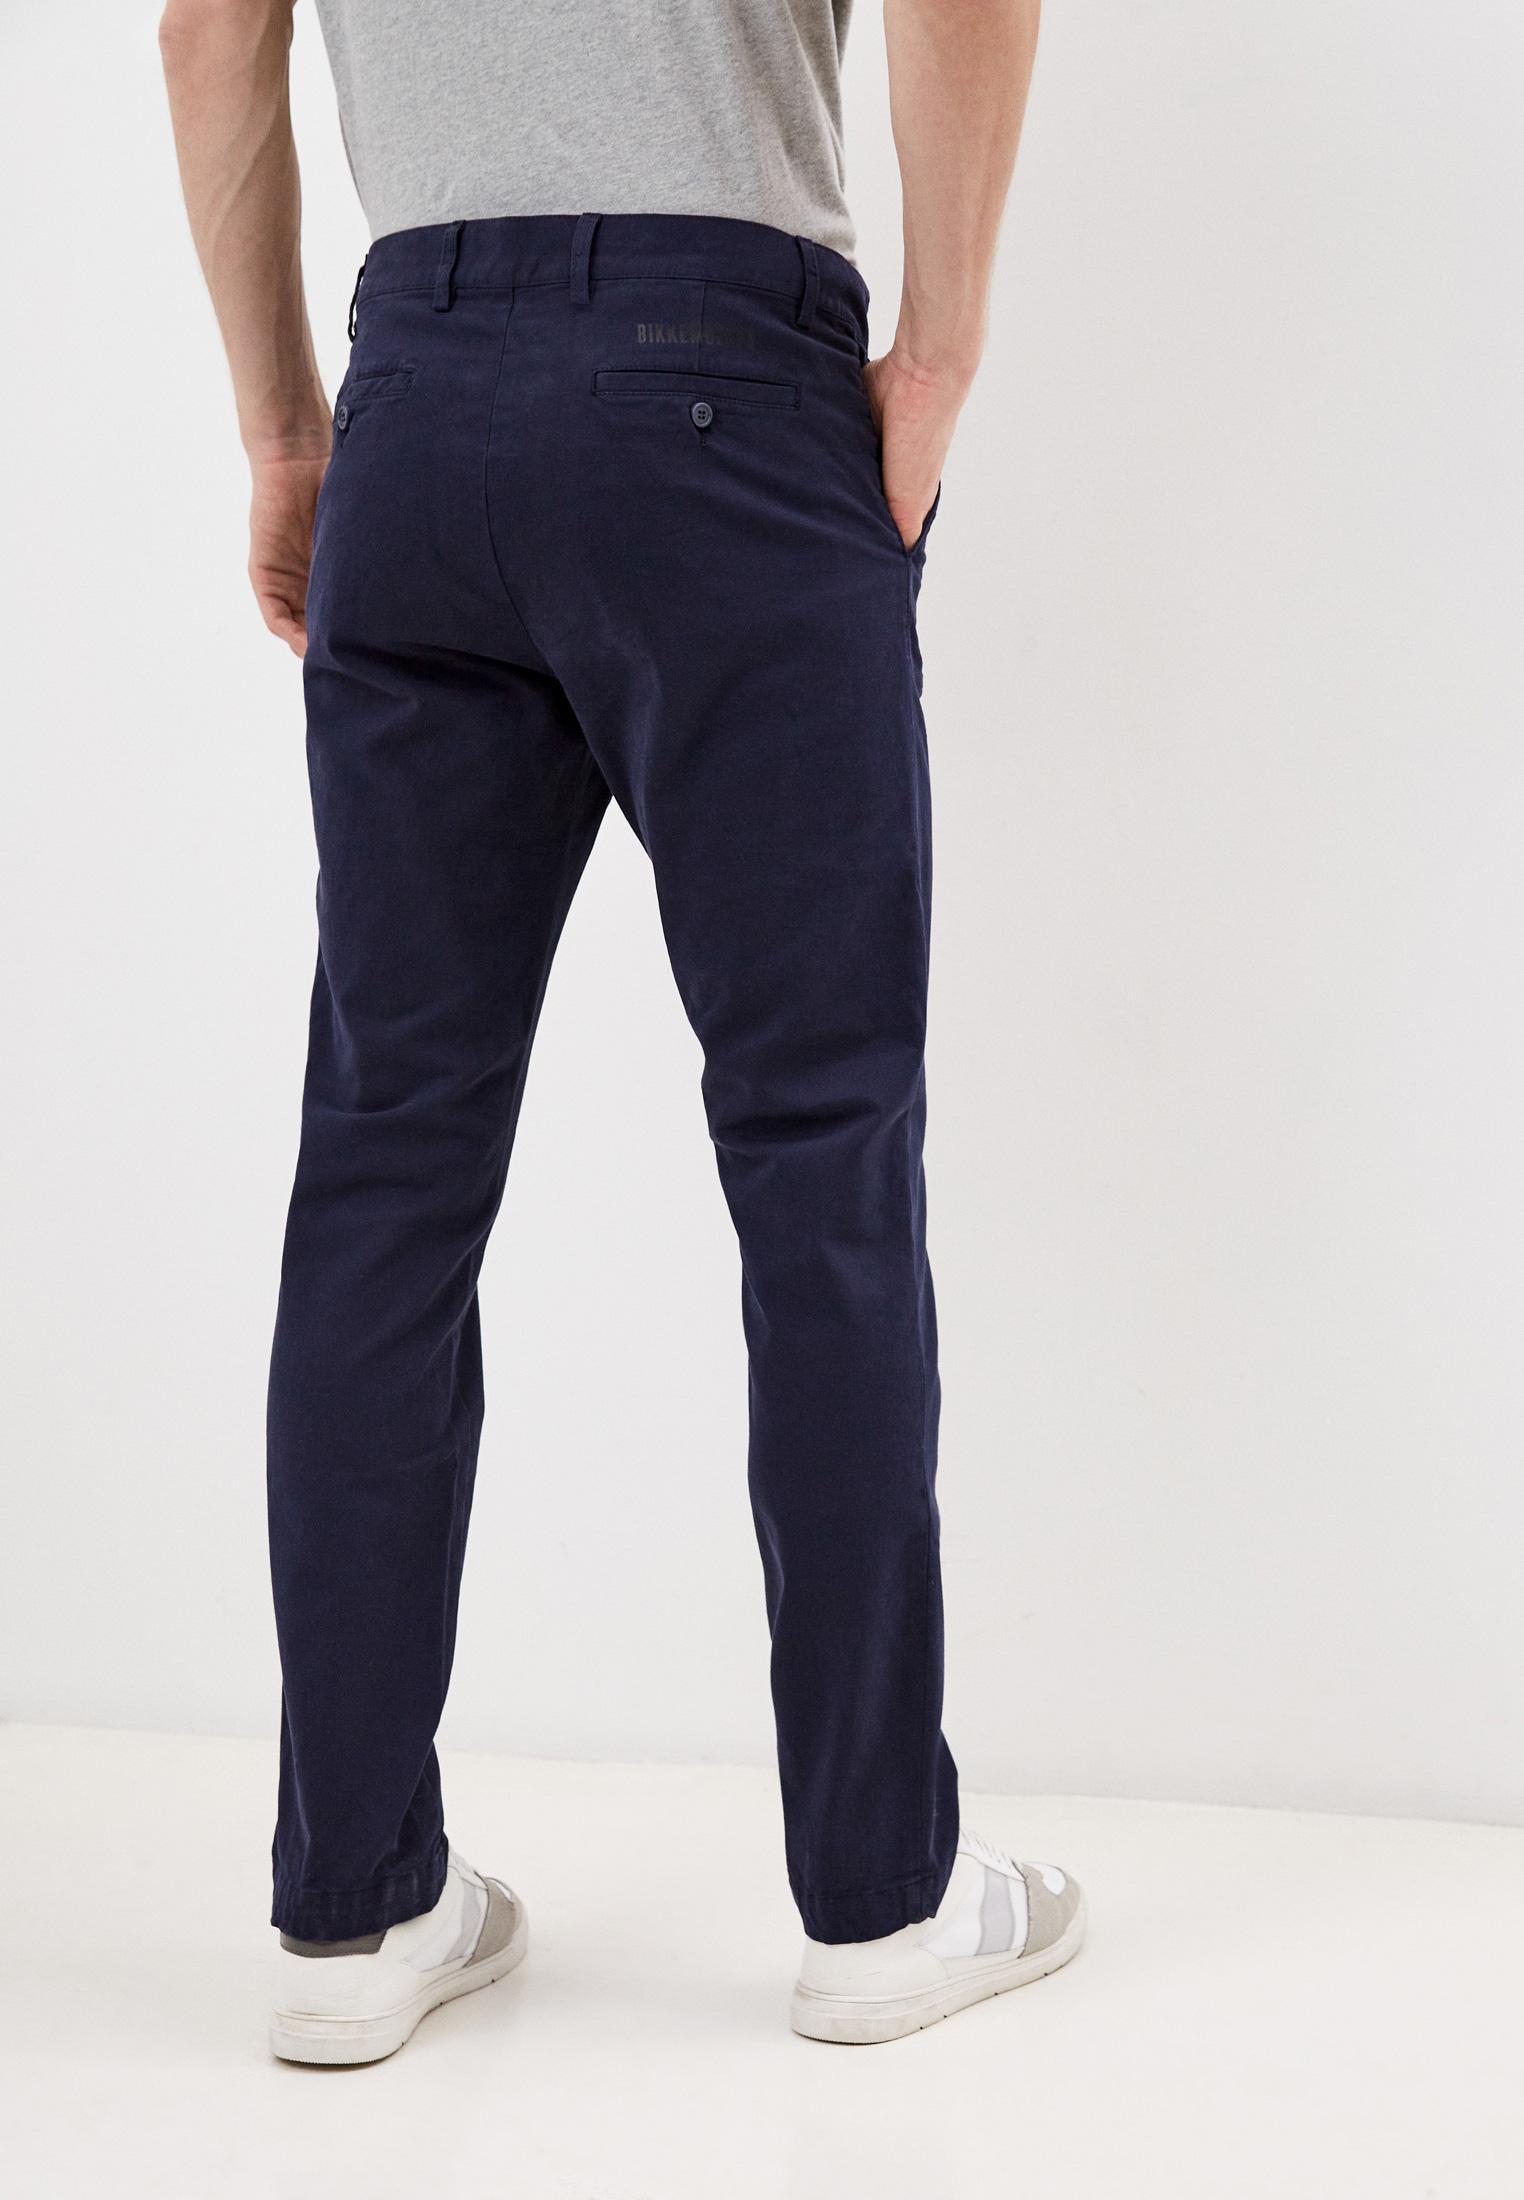 Мужские повседневные брюки Bikkembergs (Биккембергс) C P 001 15 S 3279: изображение 4